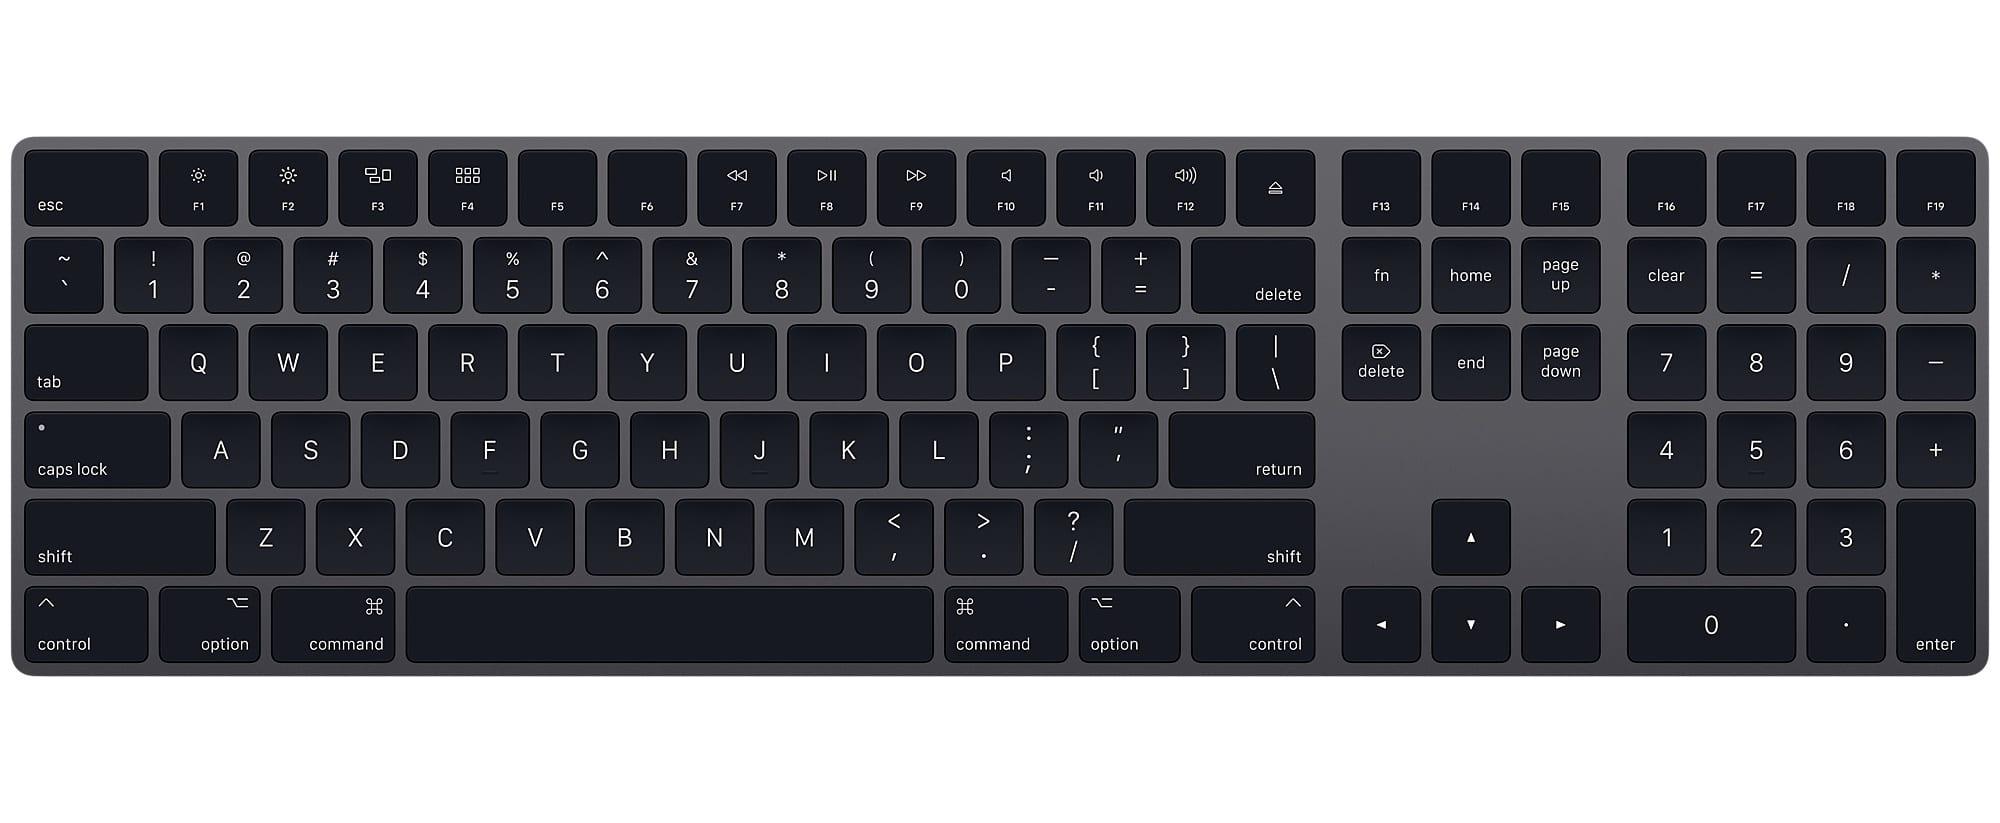 apple magic keyboard space gray - Apple začal prodávat černé příslušenství pro iMac Pro zvlášť